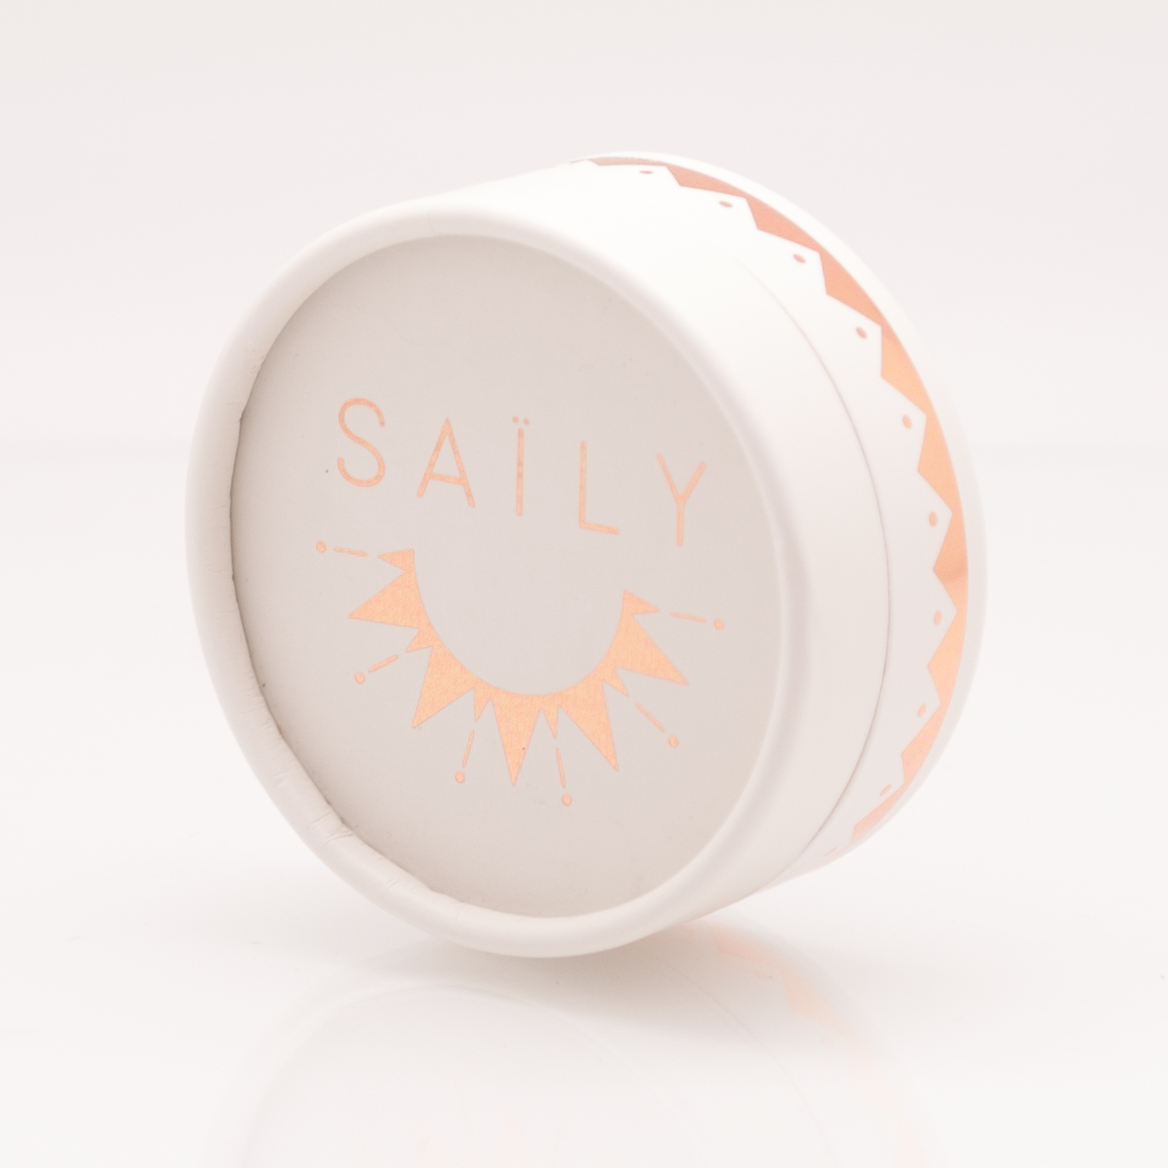 SAILY BOLA ロータスマタニティネックレス -ゴールド/グリーンベージュ